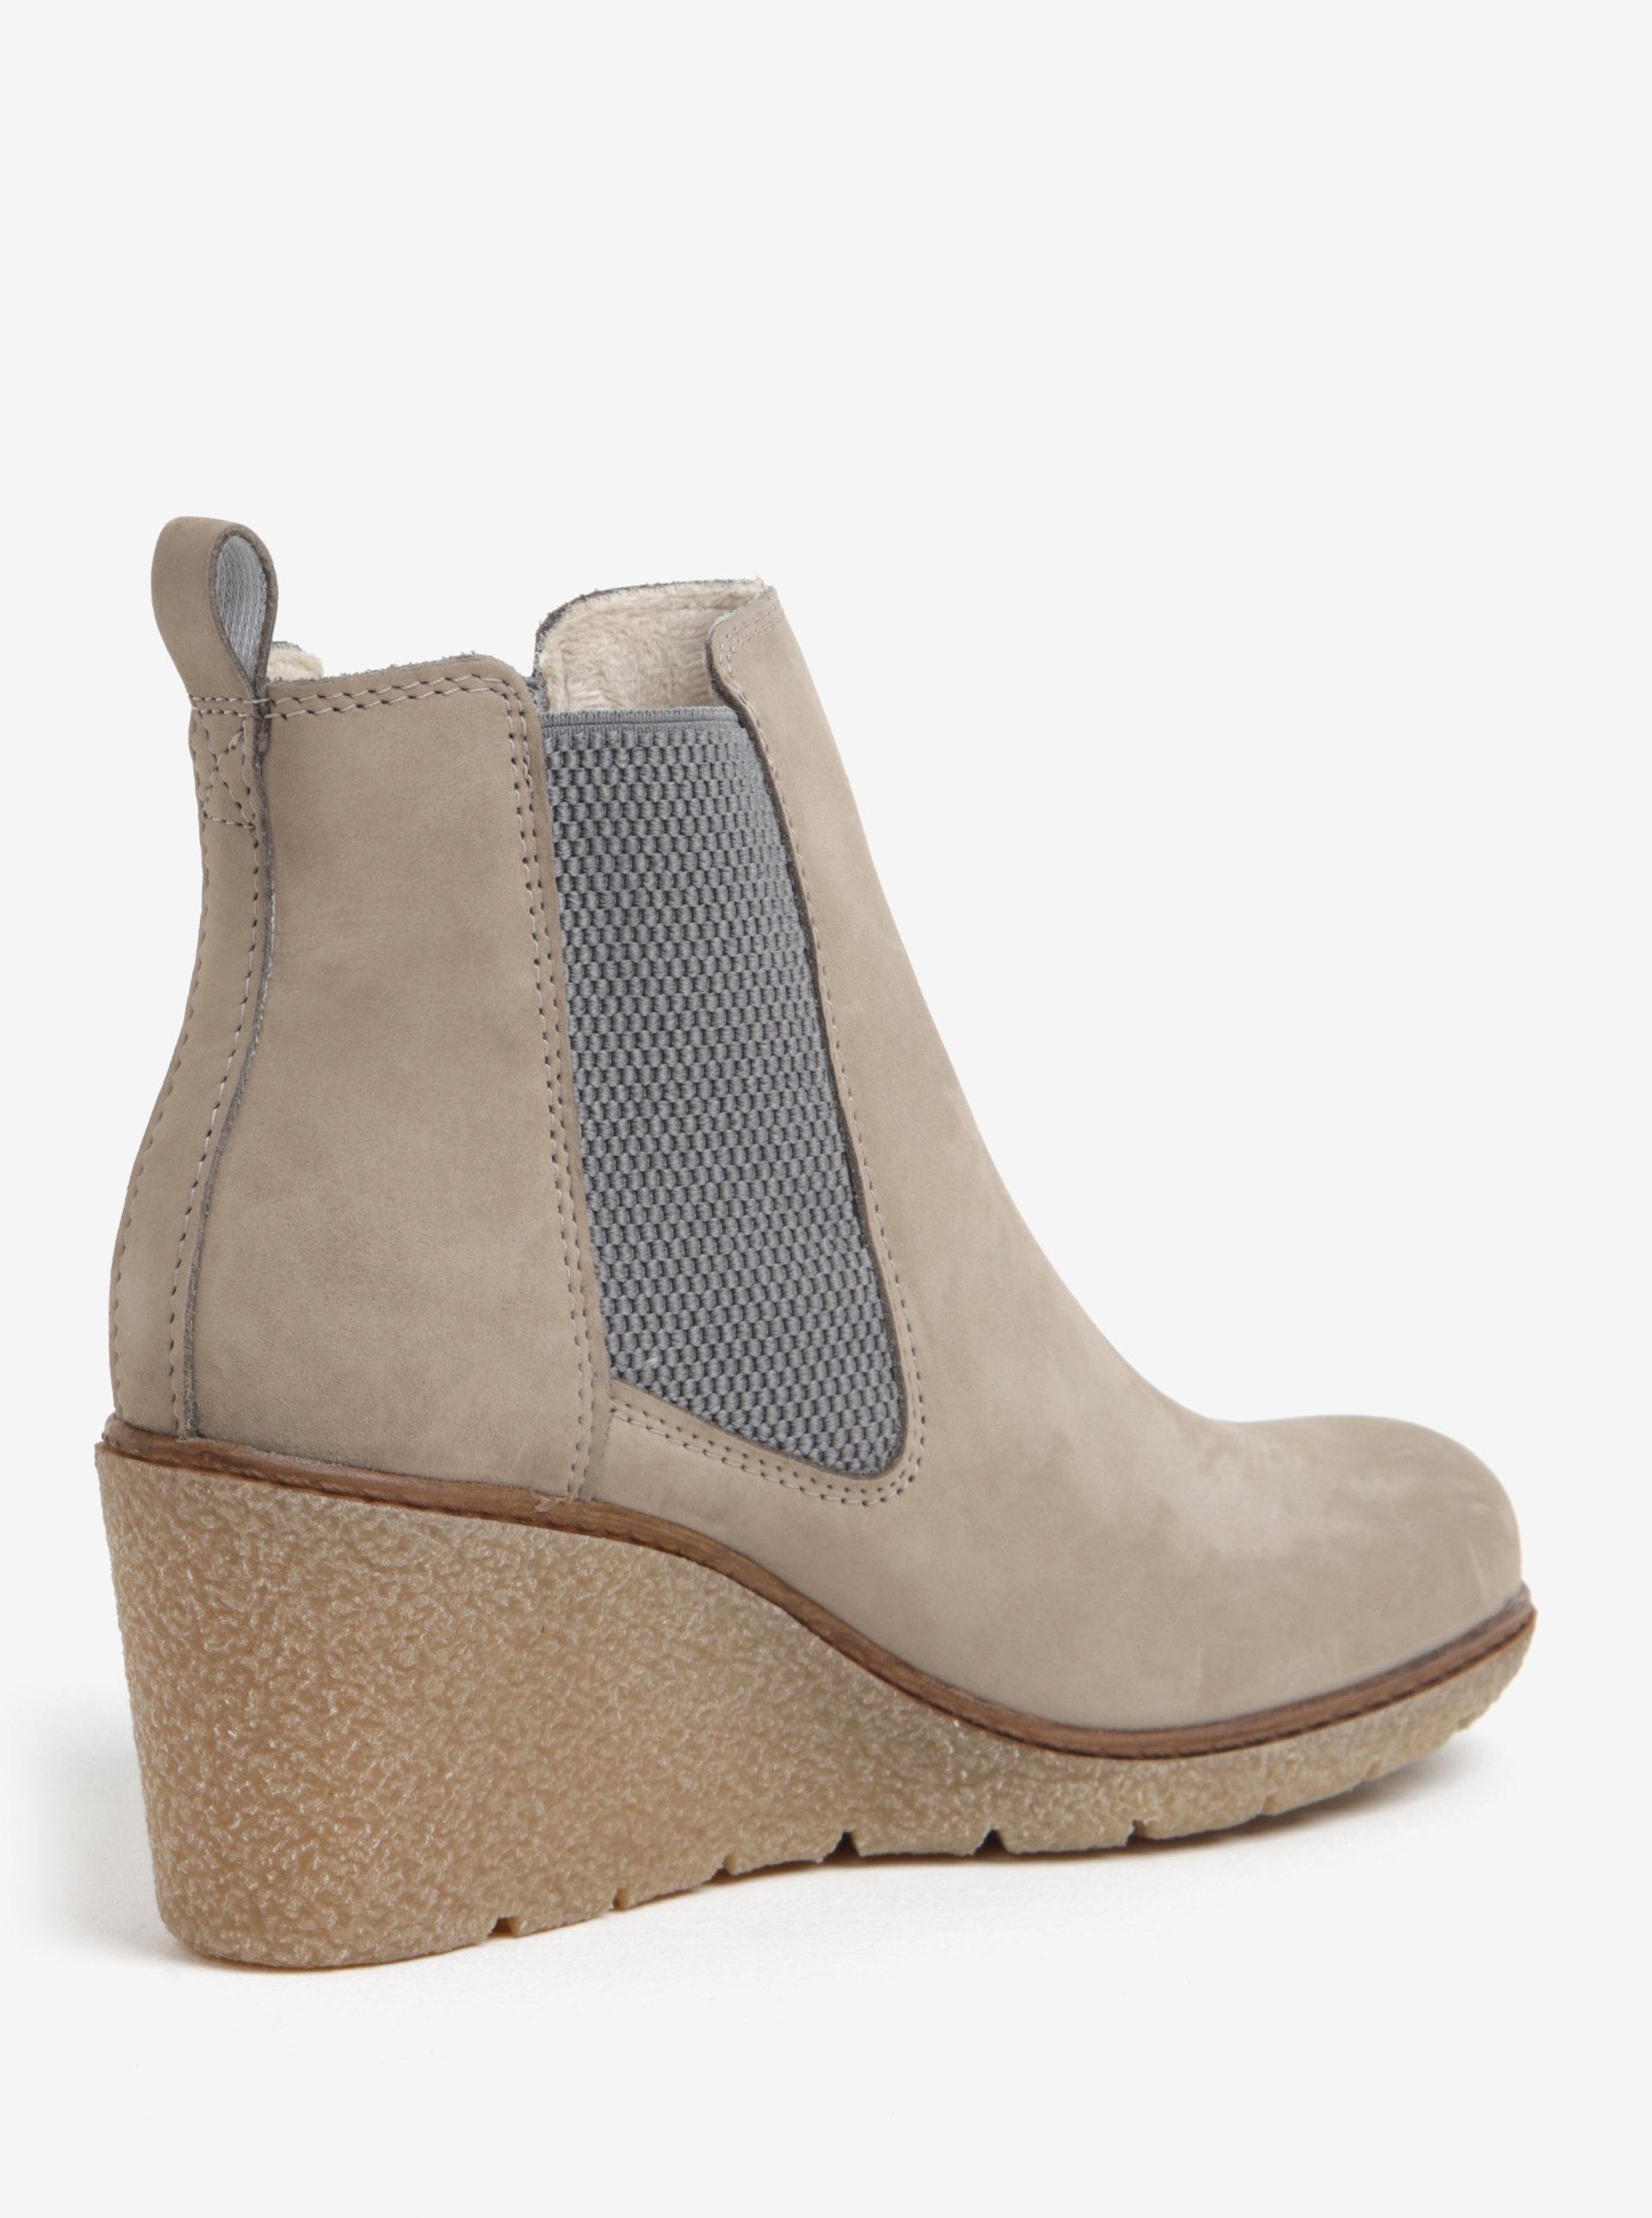 563307ae9372 Béžové kožené členkové chelsea topánky na klinovom podpätku Tamaris ...